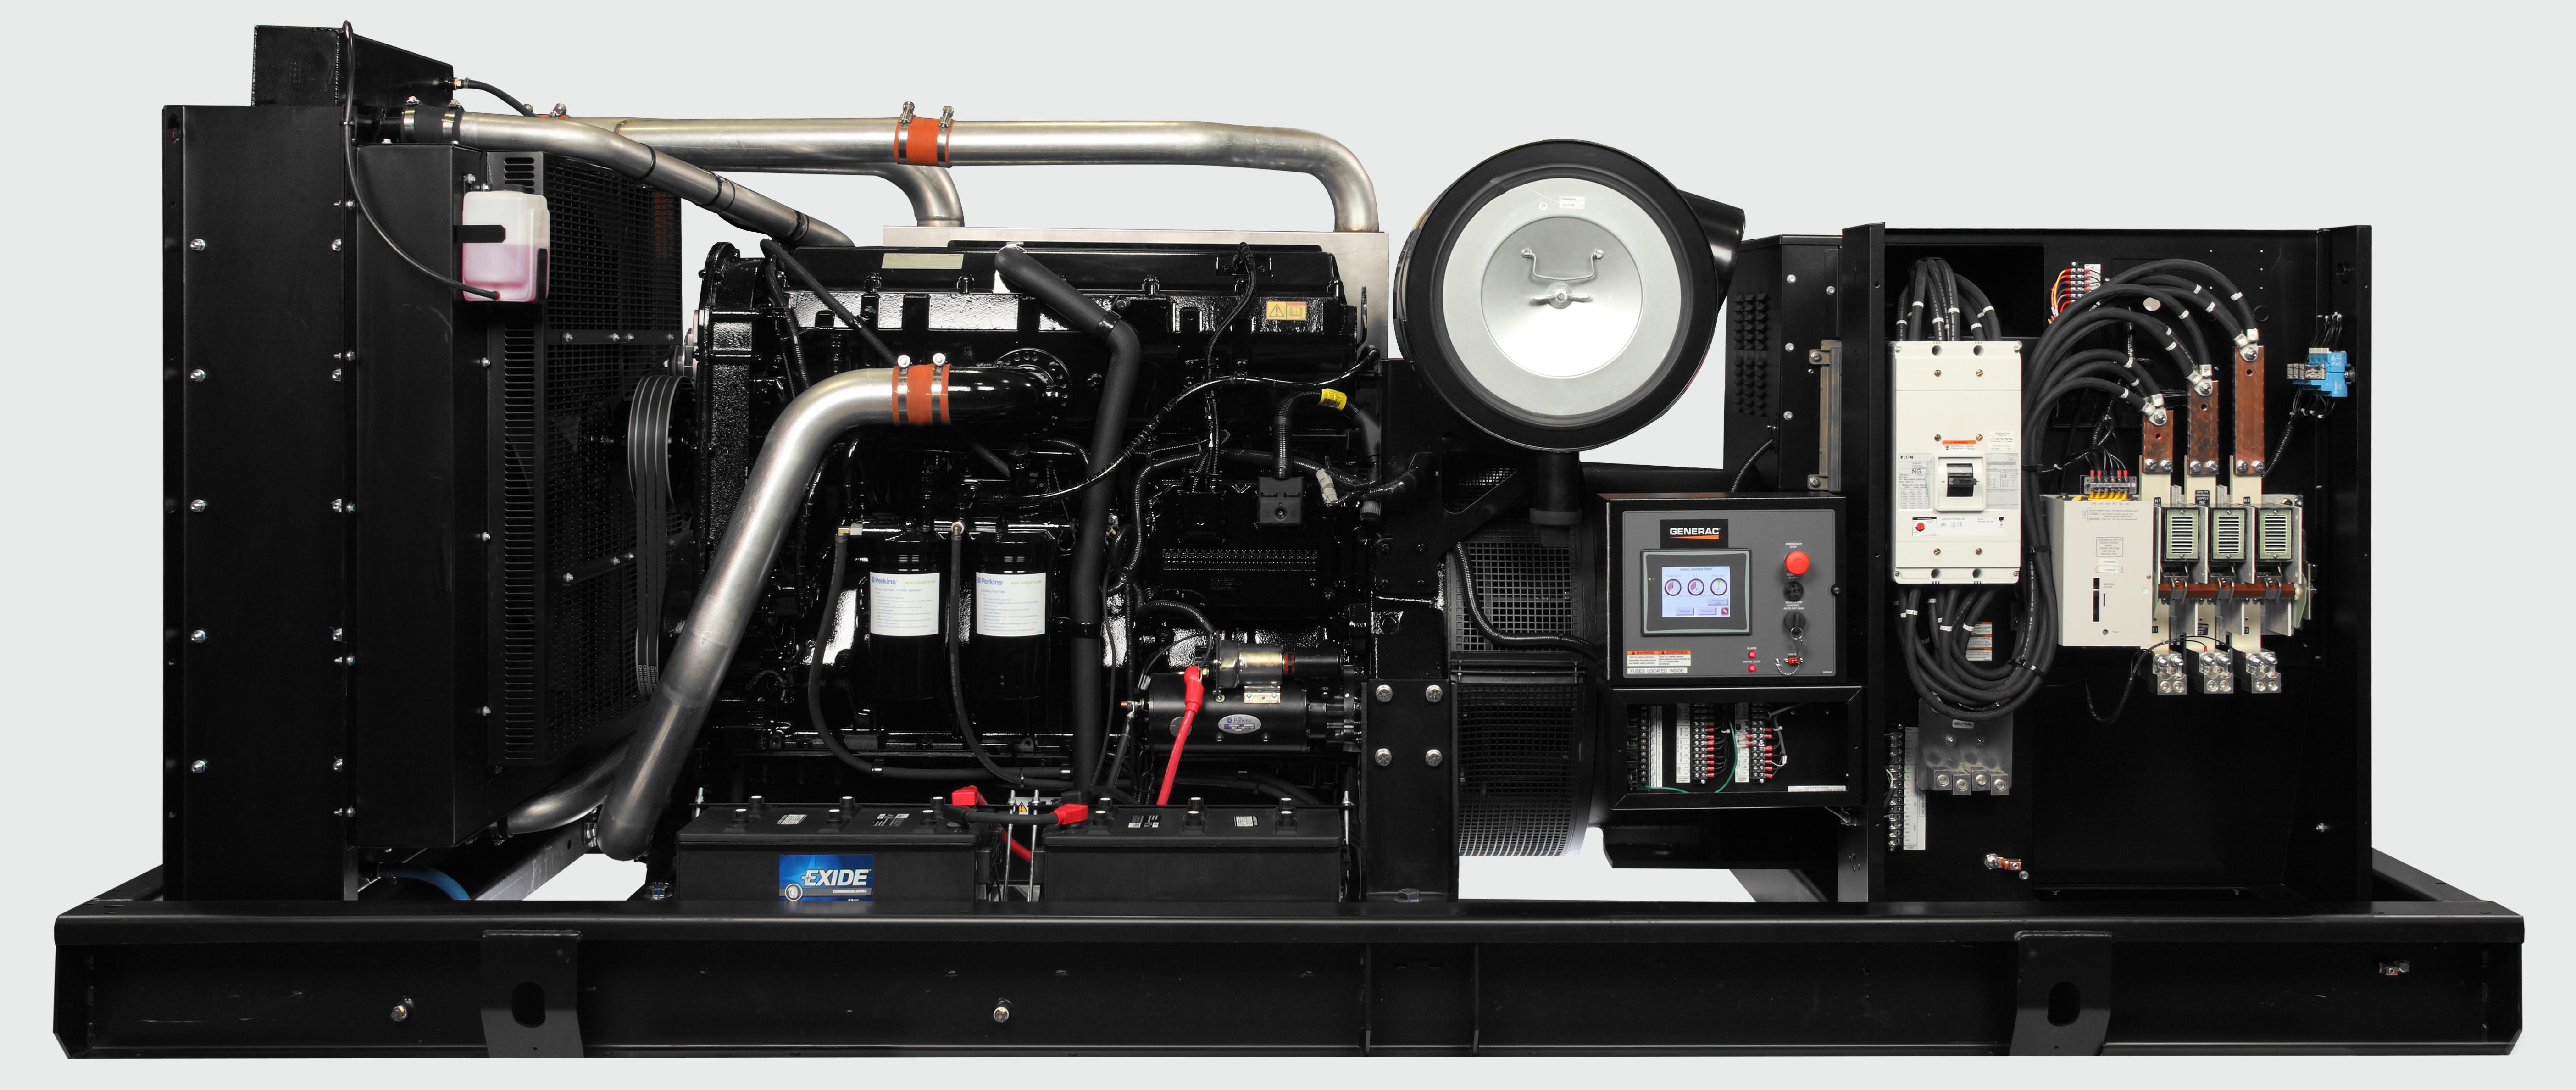 Standardization Across Diesel 400-600kW